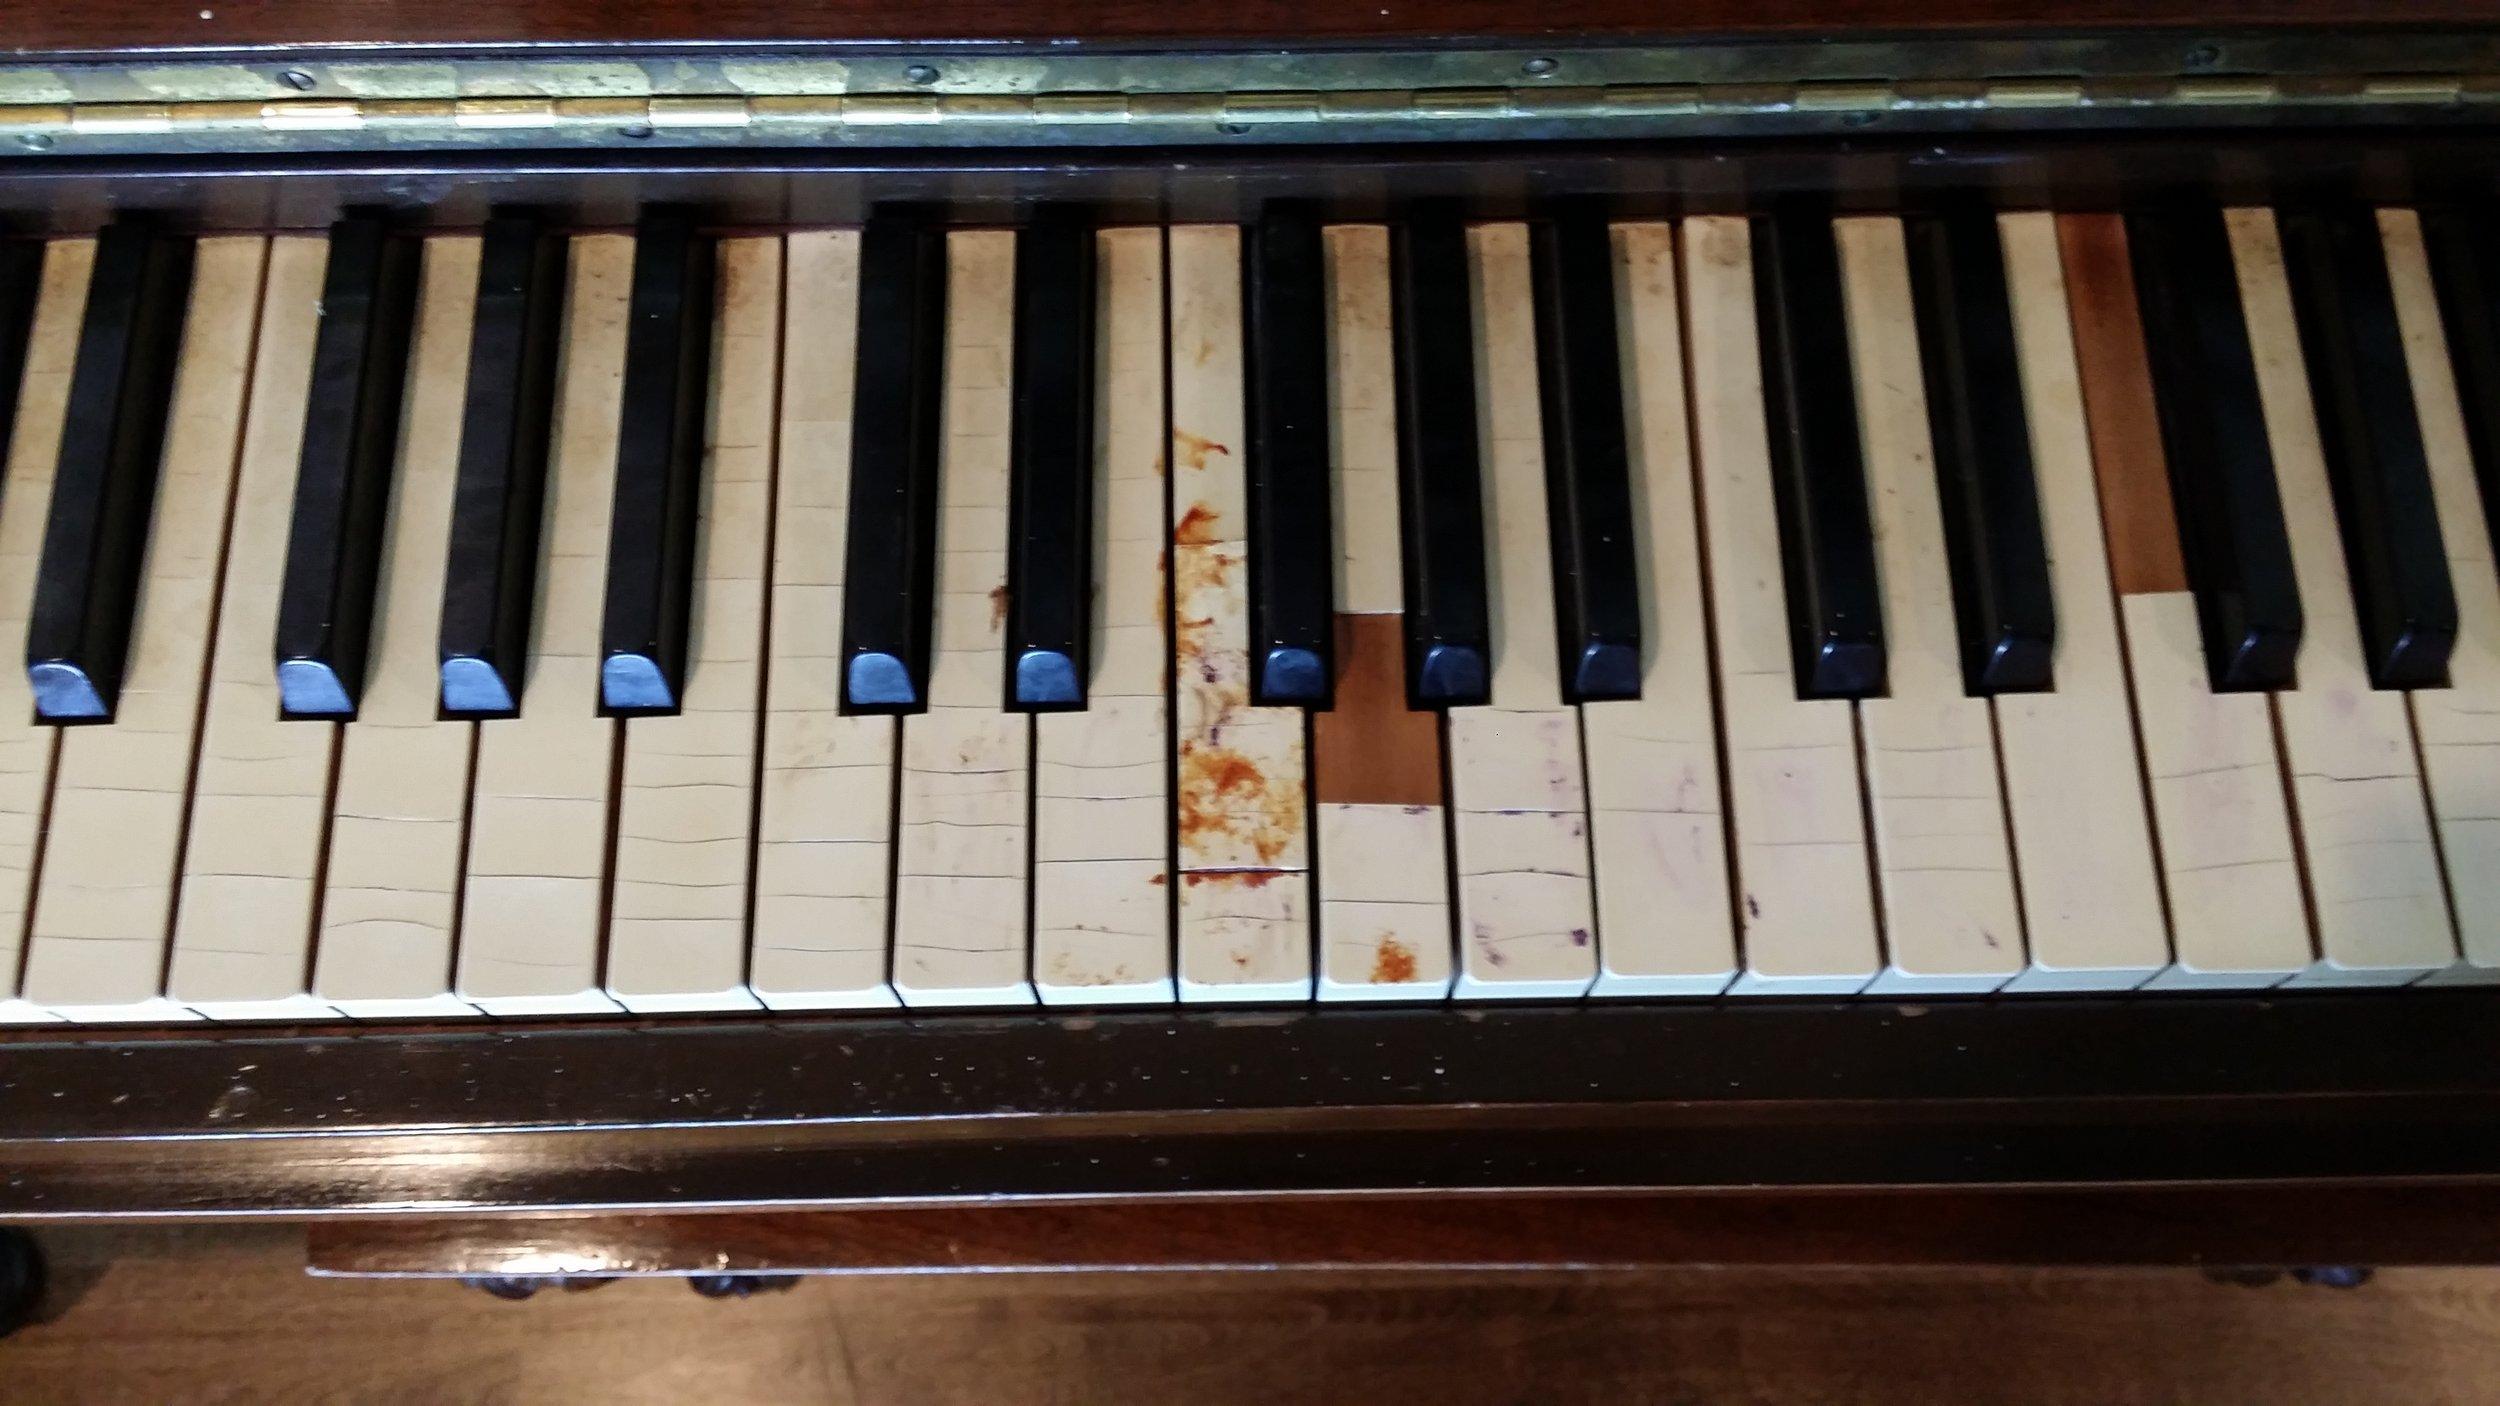 Close-up Old Keytops